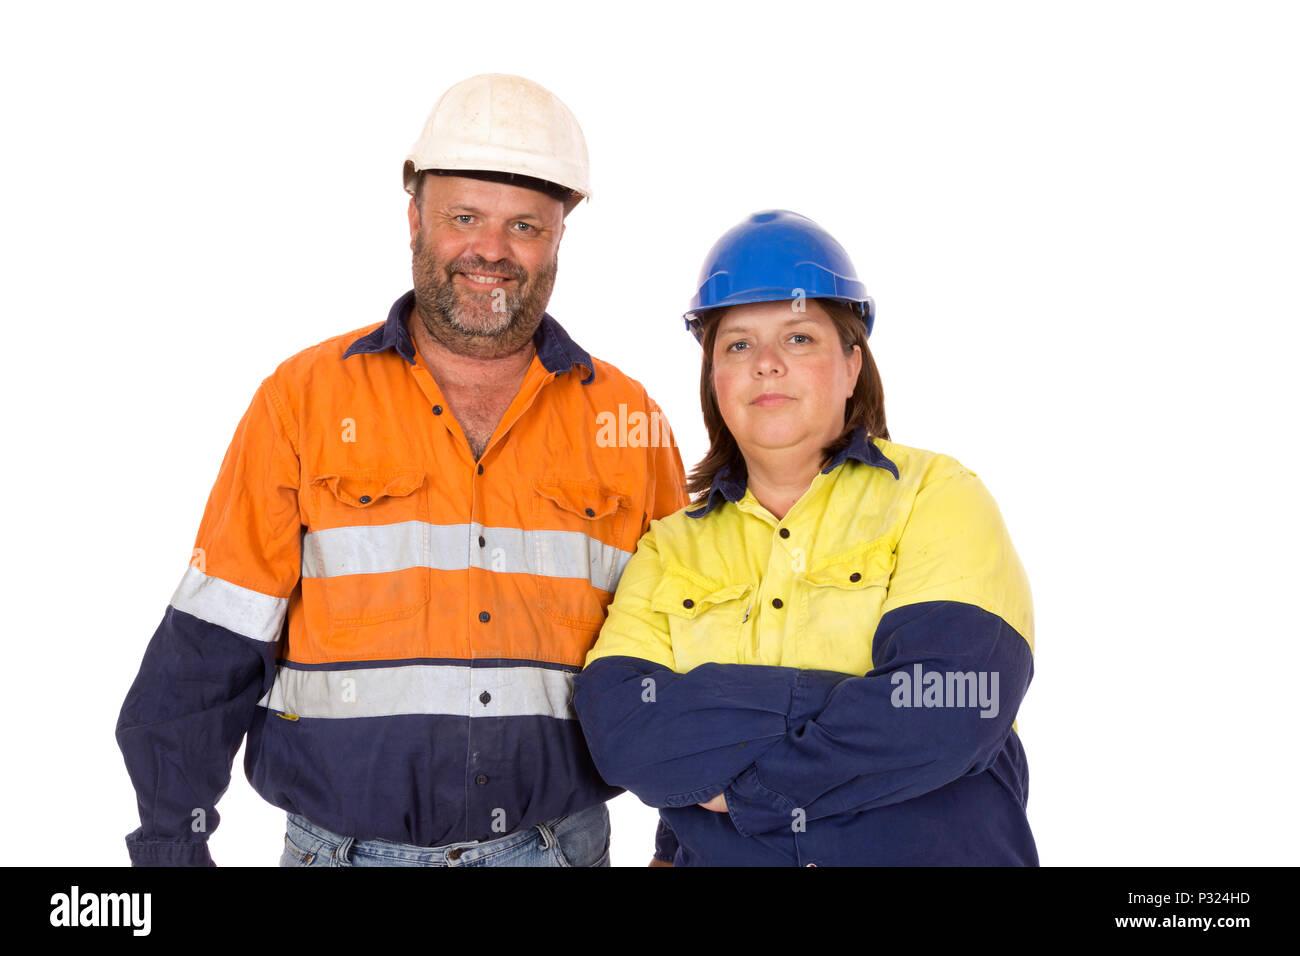 Un ritratto di un maschio e femmina insieme dei lavoratori. Immagini Stock